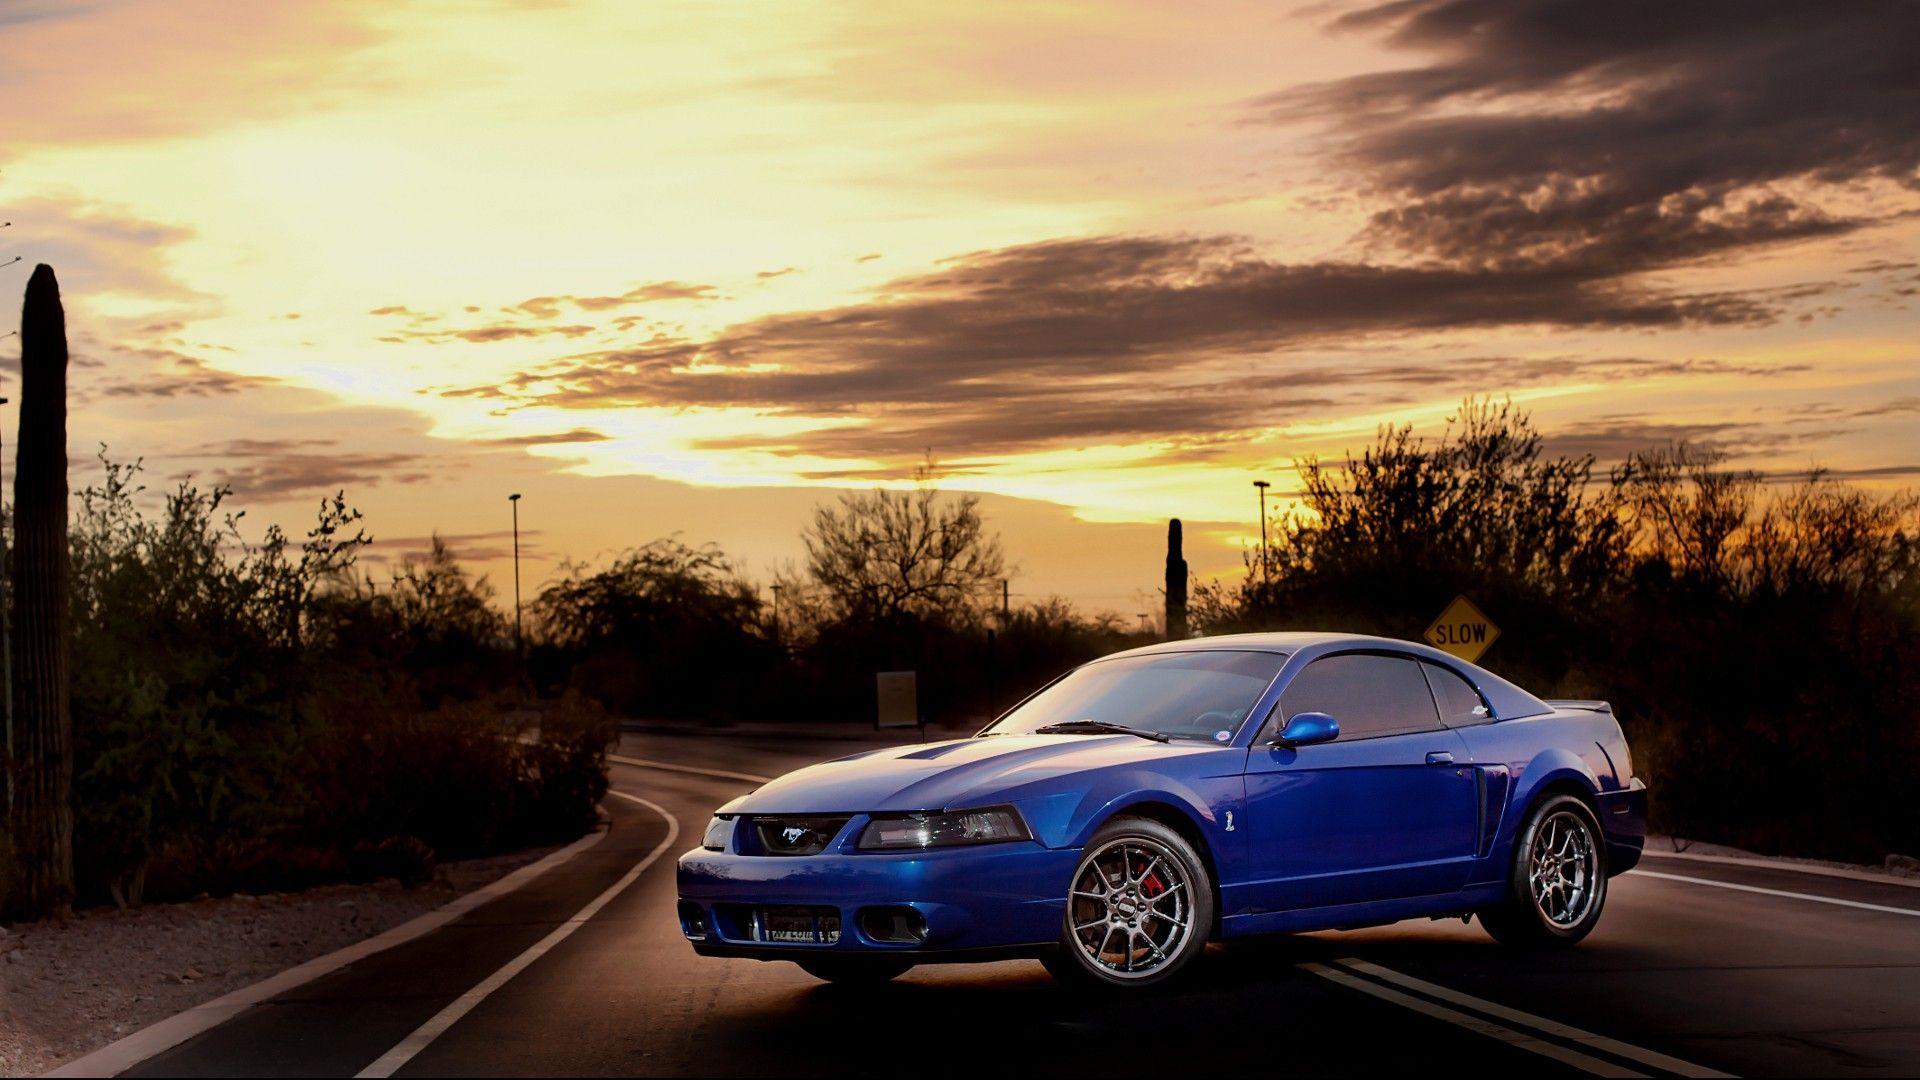 Cobra Terminator Wallpaper Mustang Cobra Ford Mustang Cobra Ford Mustang